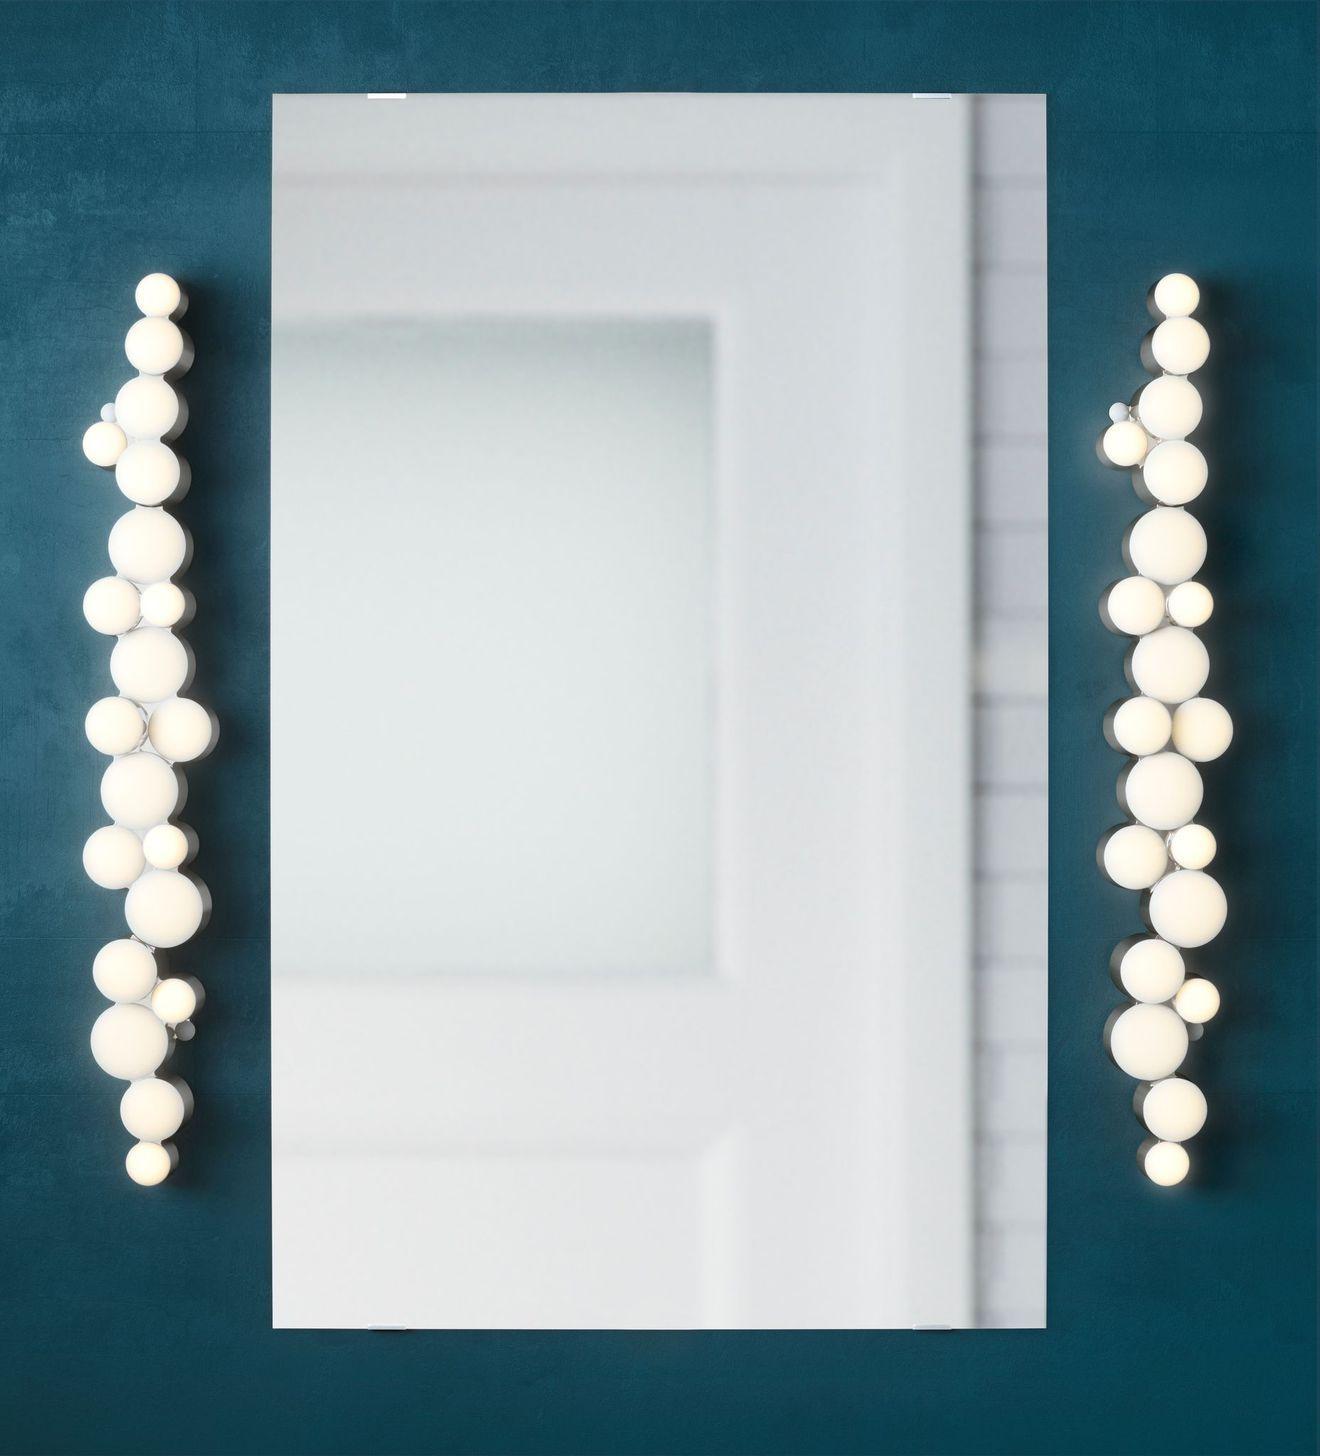 Lampes et luminaires pour clairer la salle de bains avec - Luminaire pour salle de bain ikea ...